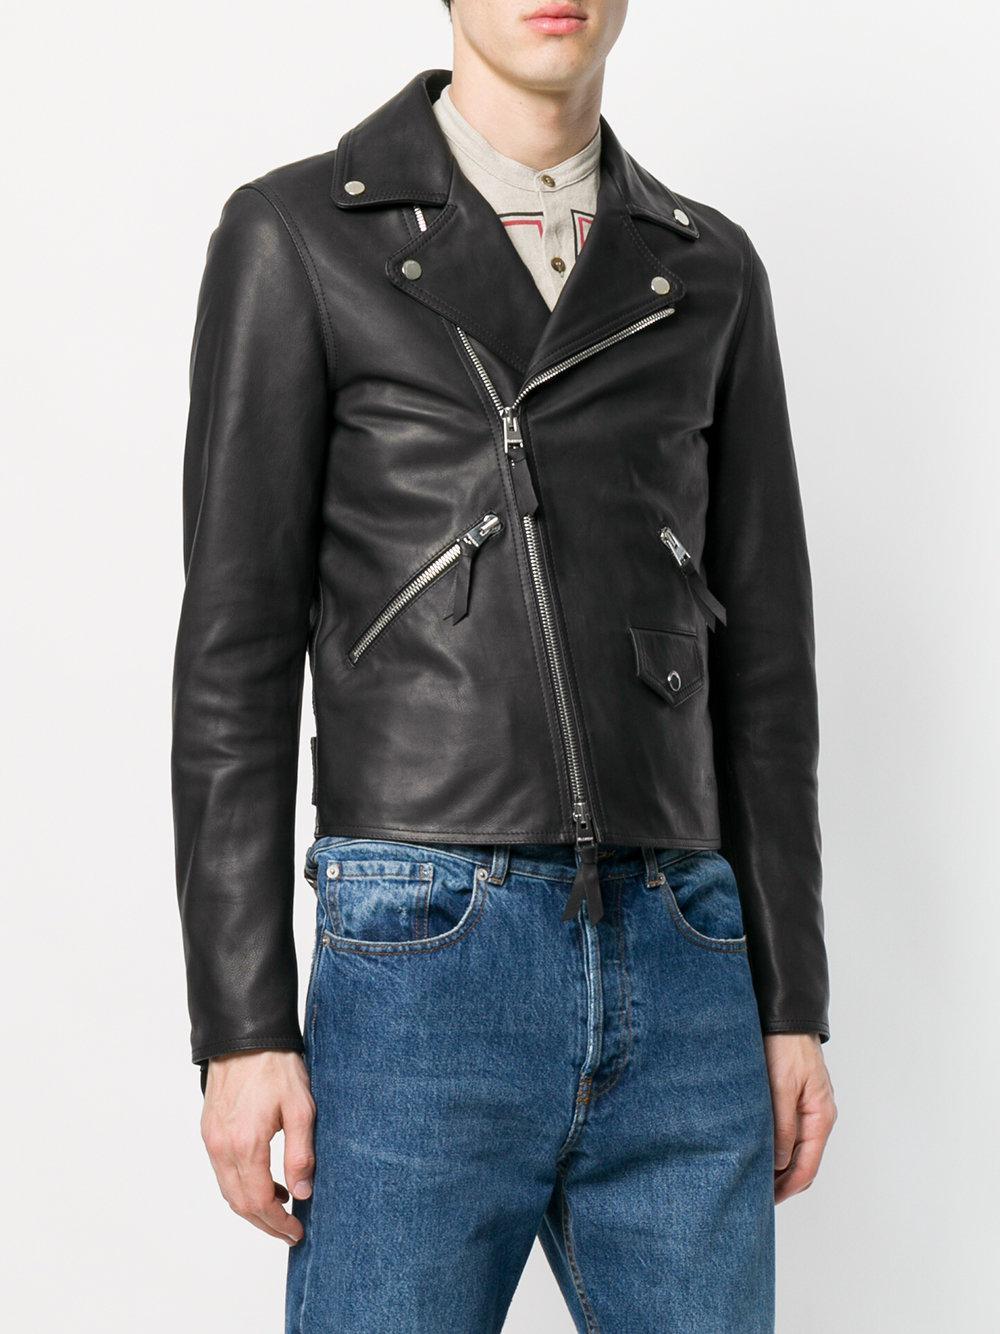 J.W.Anderson Leather Biker Jacket | Jackets, Biker jacket